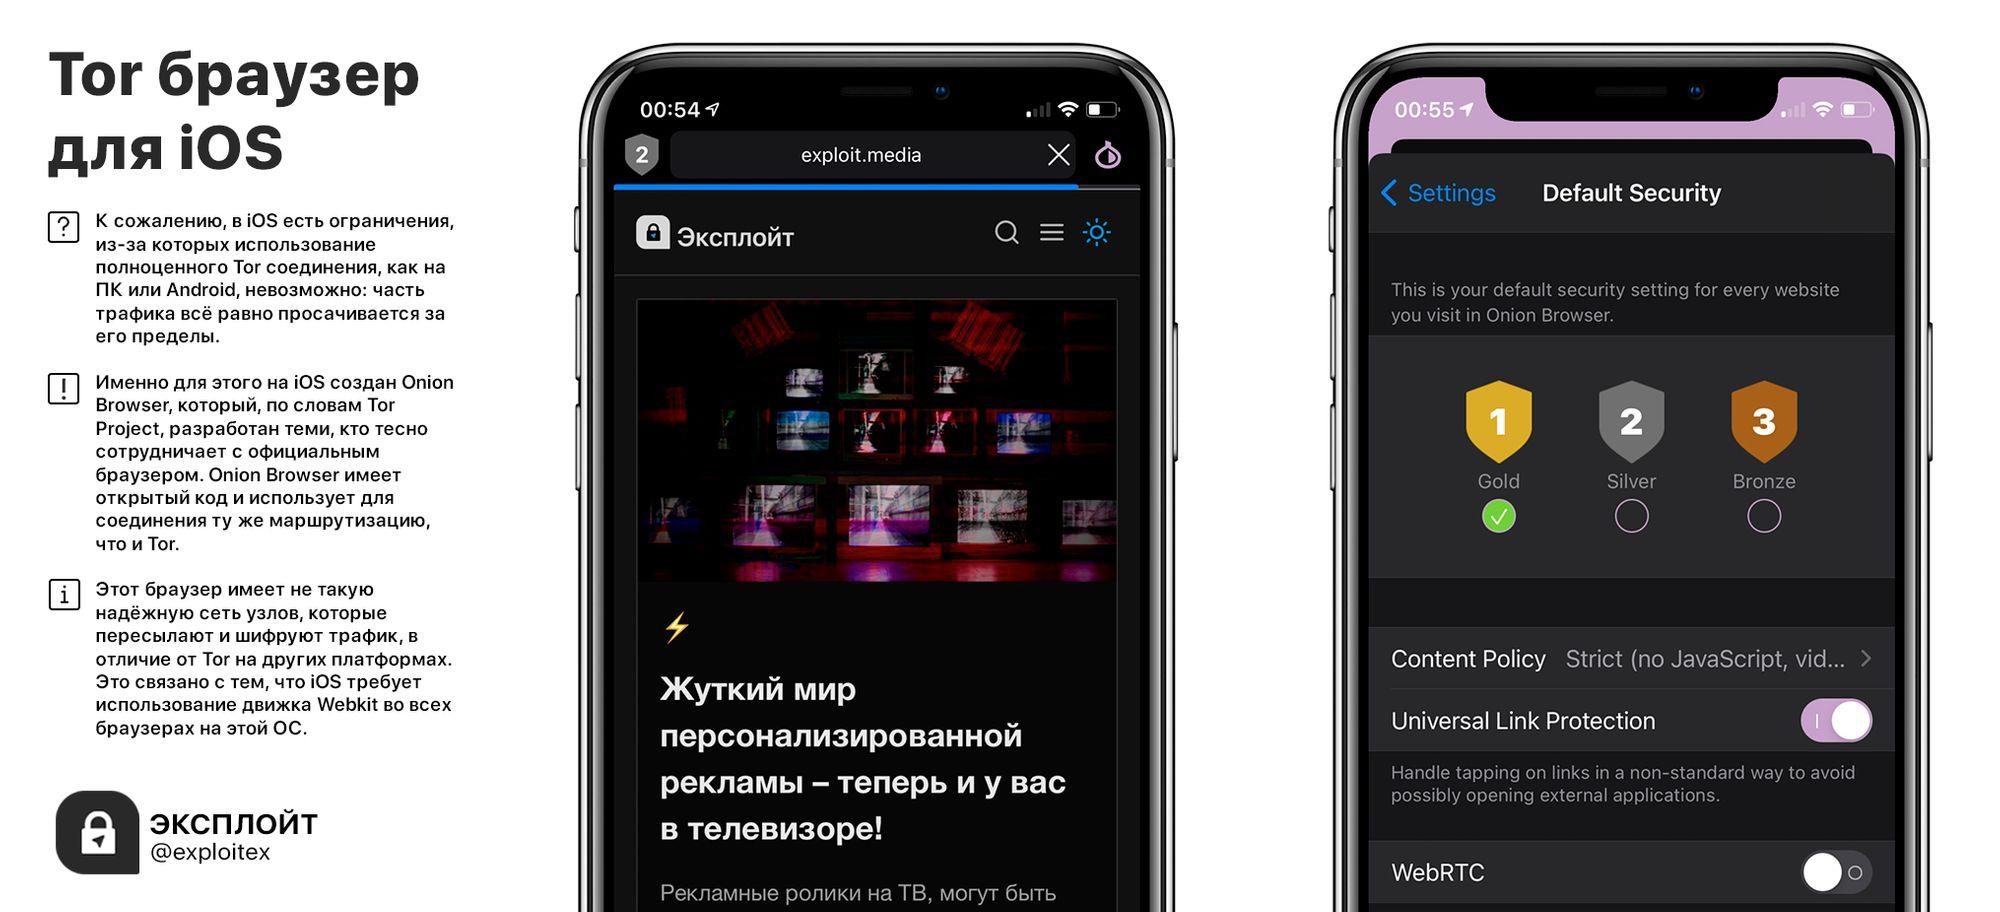 Как пользоваться тор браузером на айфон hydra2web browser tor для андроид бесплатно скачать